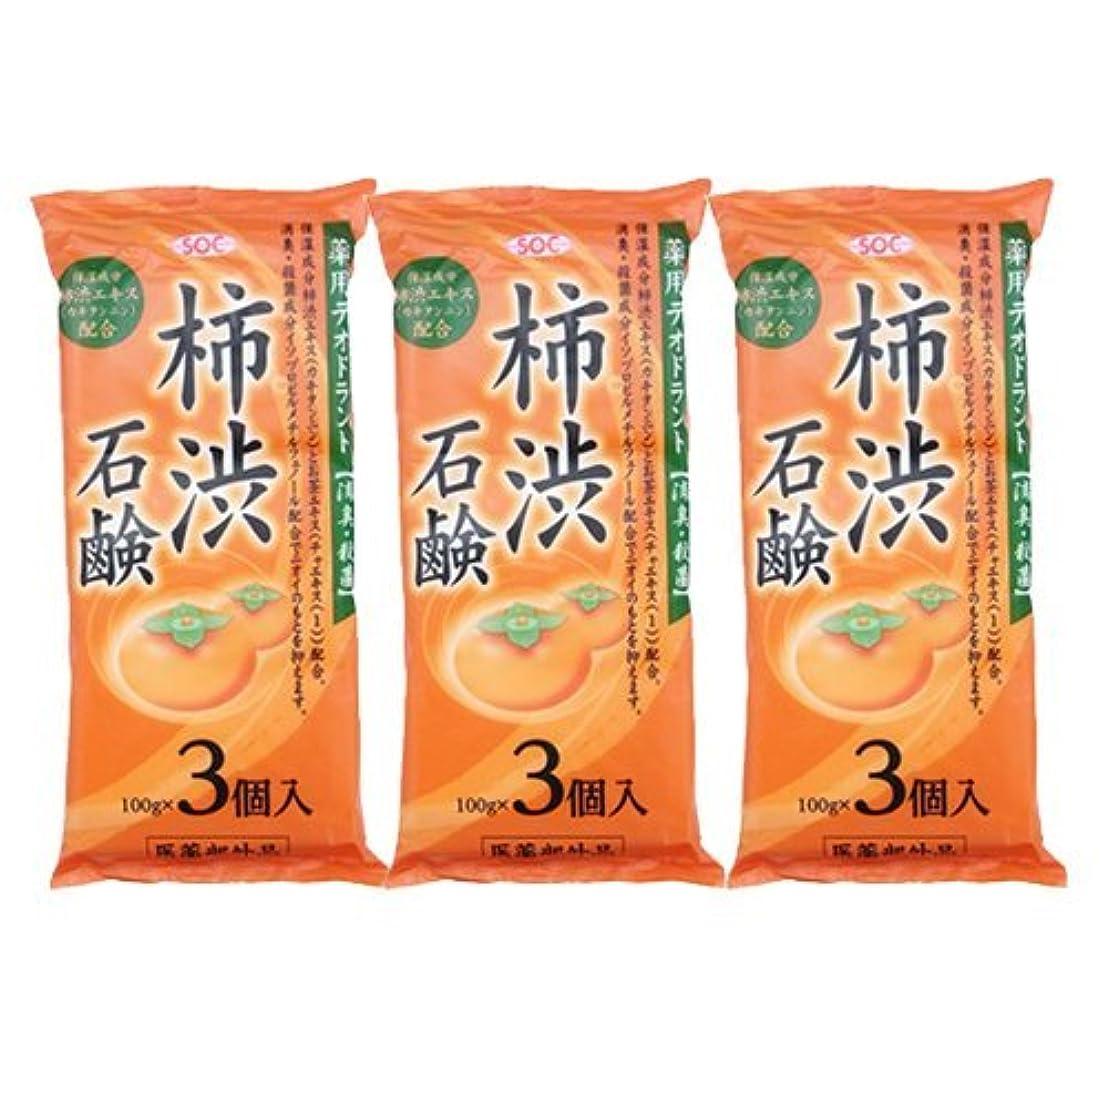 犬いいねユーモラス渋谷油脂 SOC 薬用柿渋石鹸 3P ×3袋セット (100g×9個)